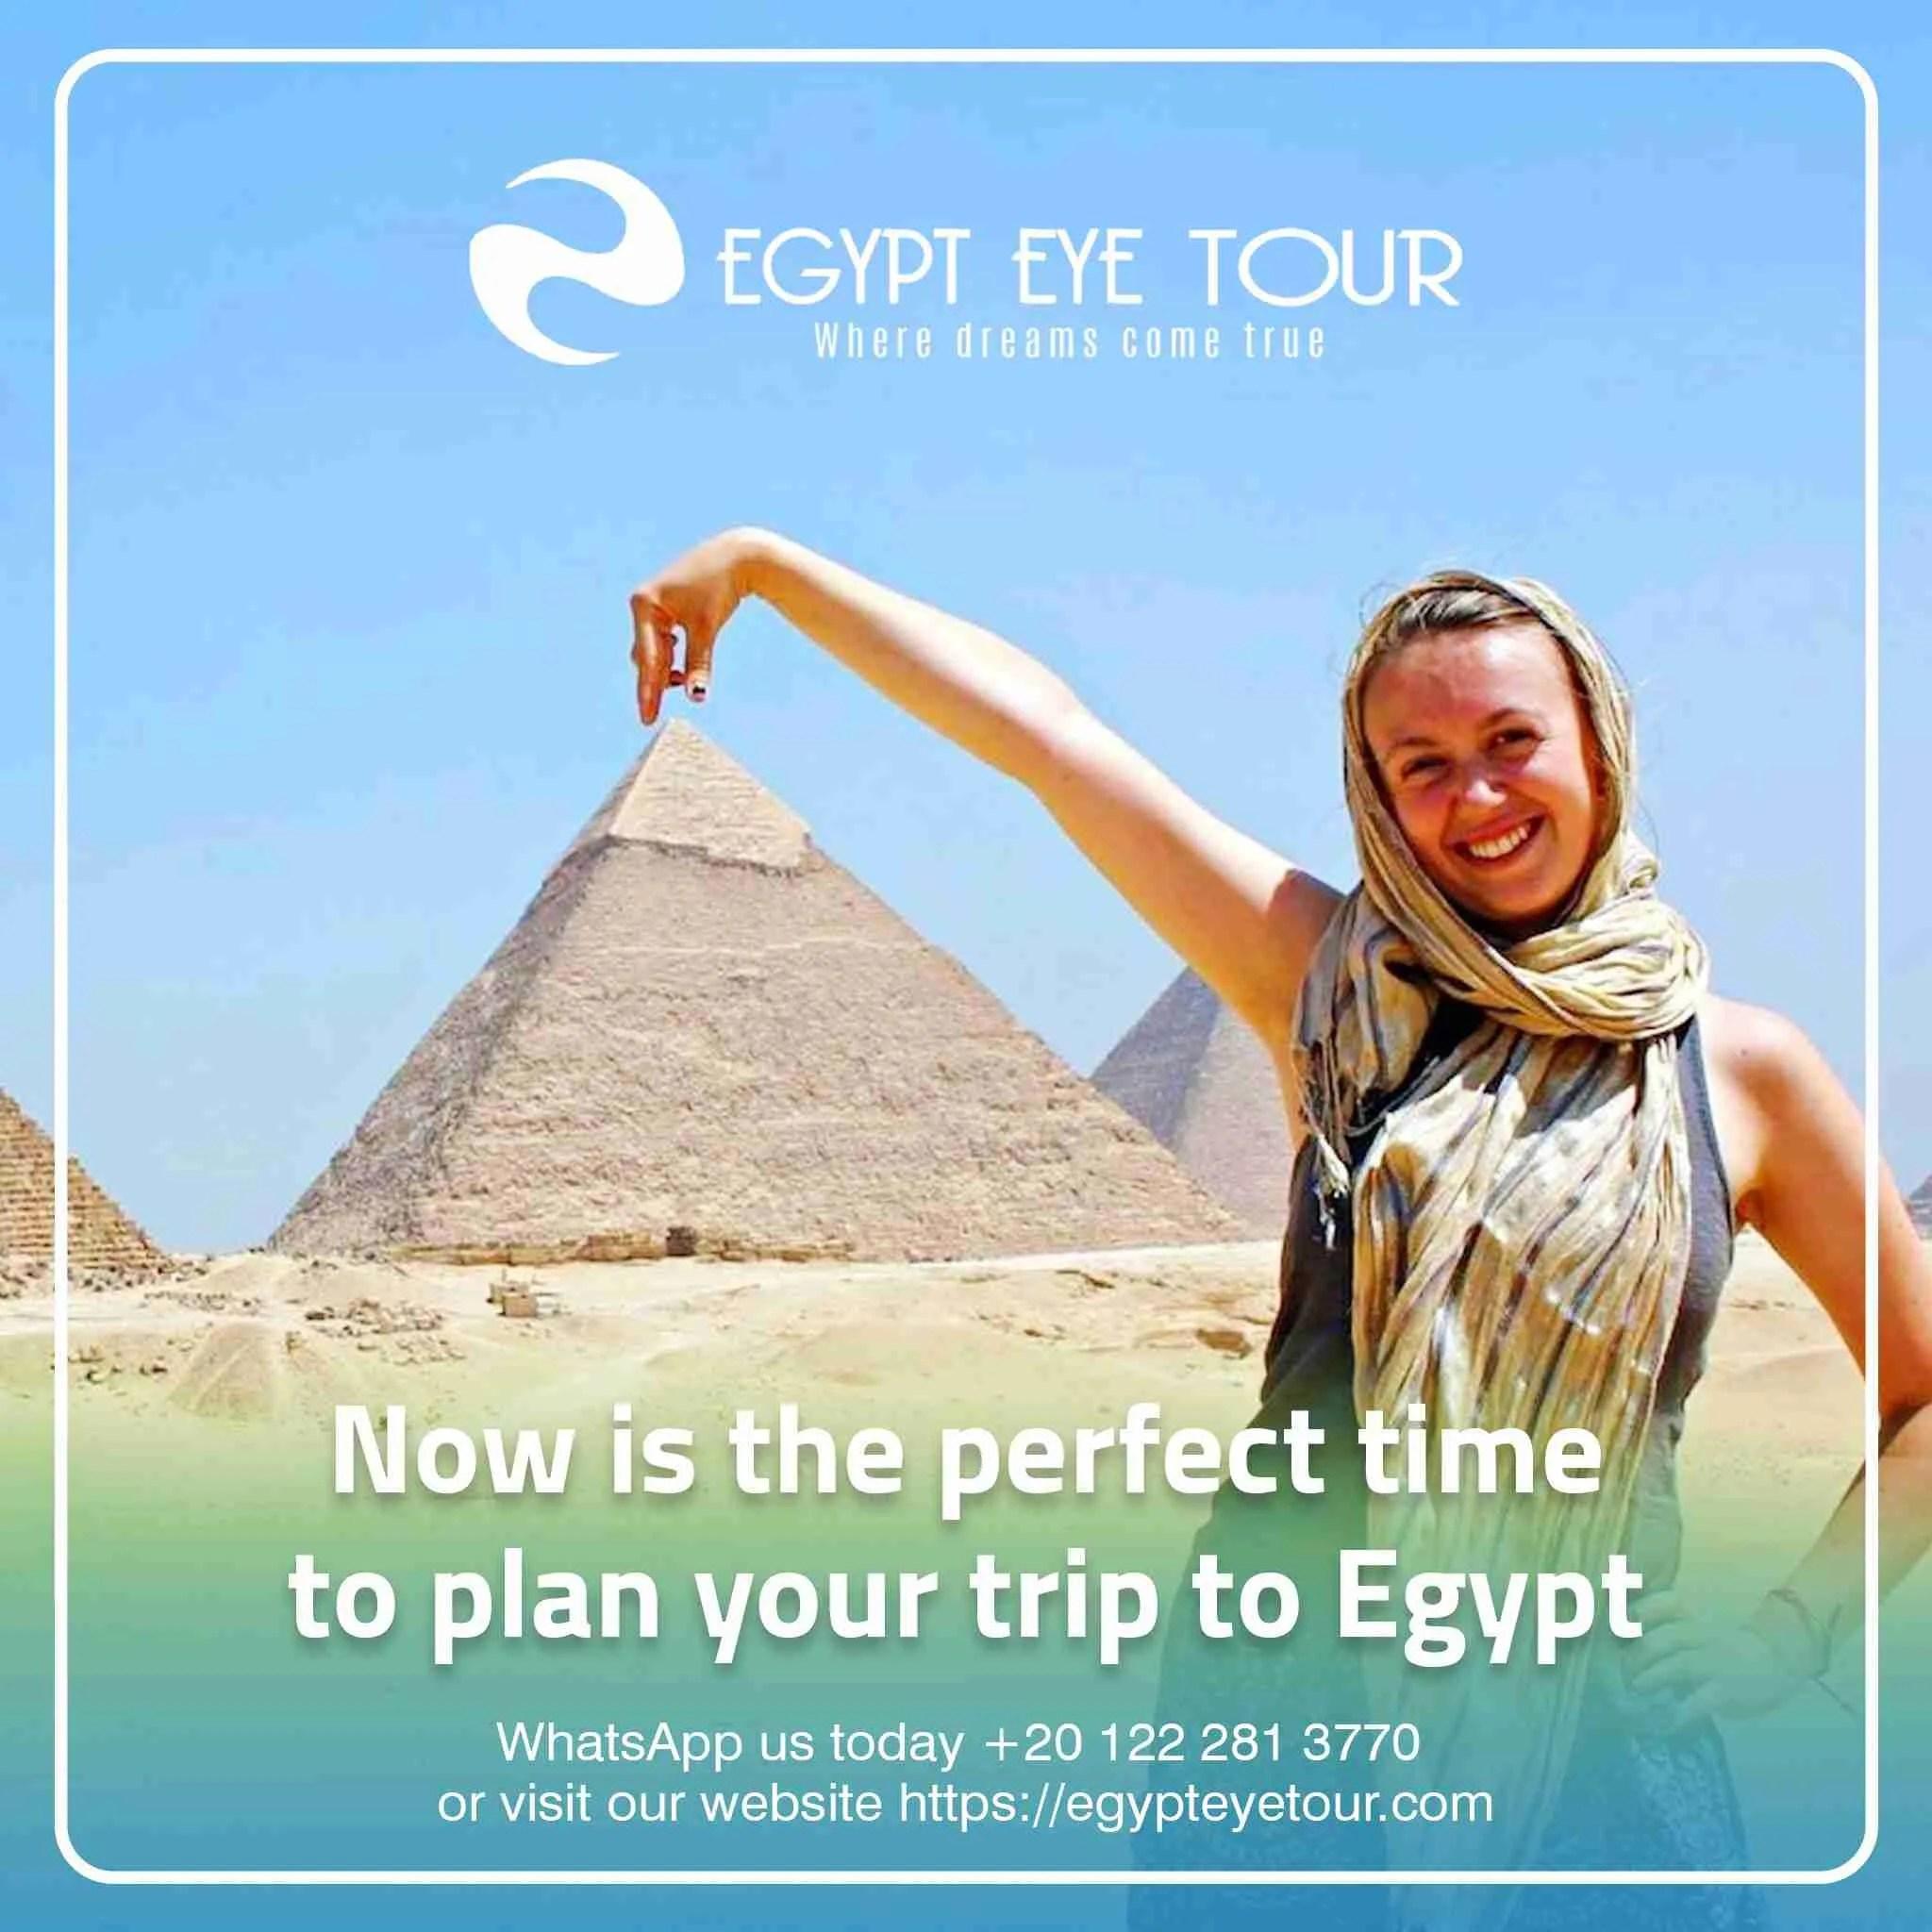 Egypt Eye Tour